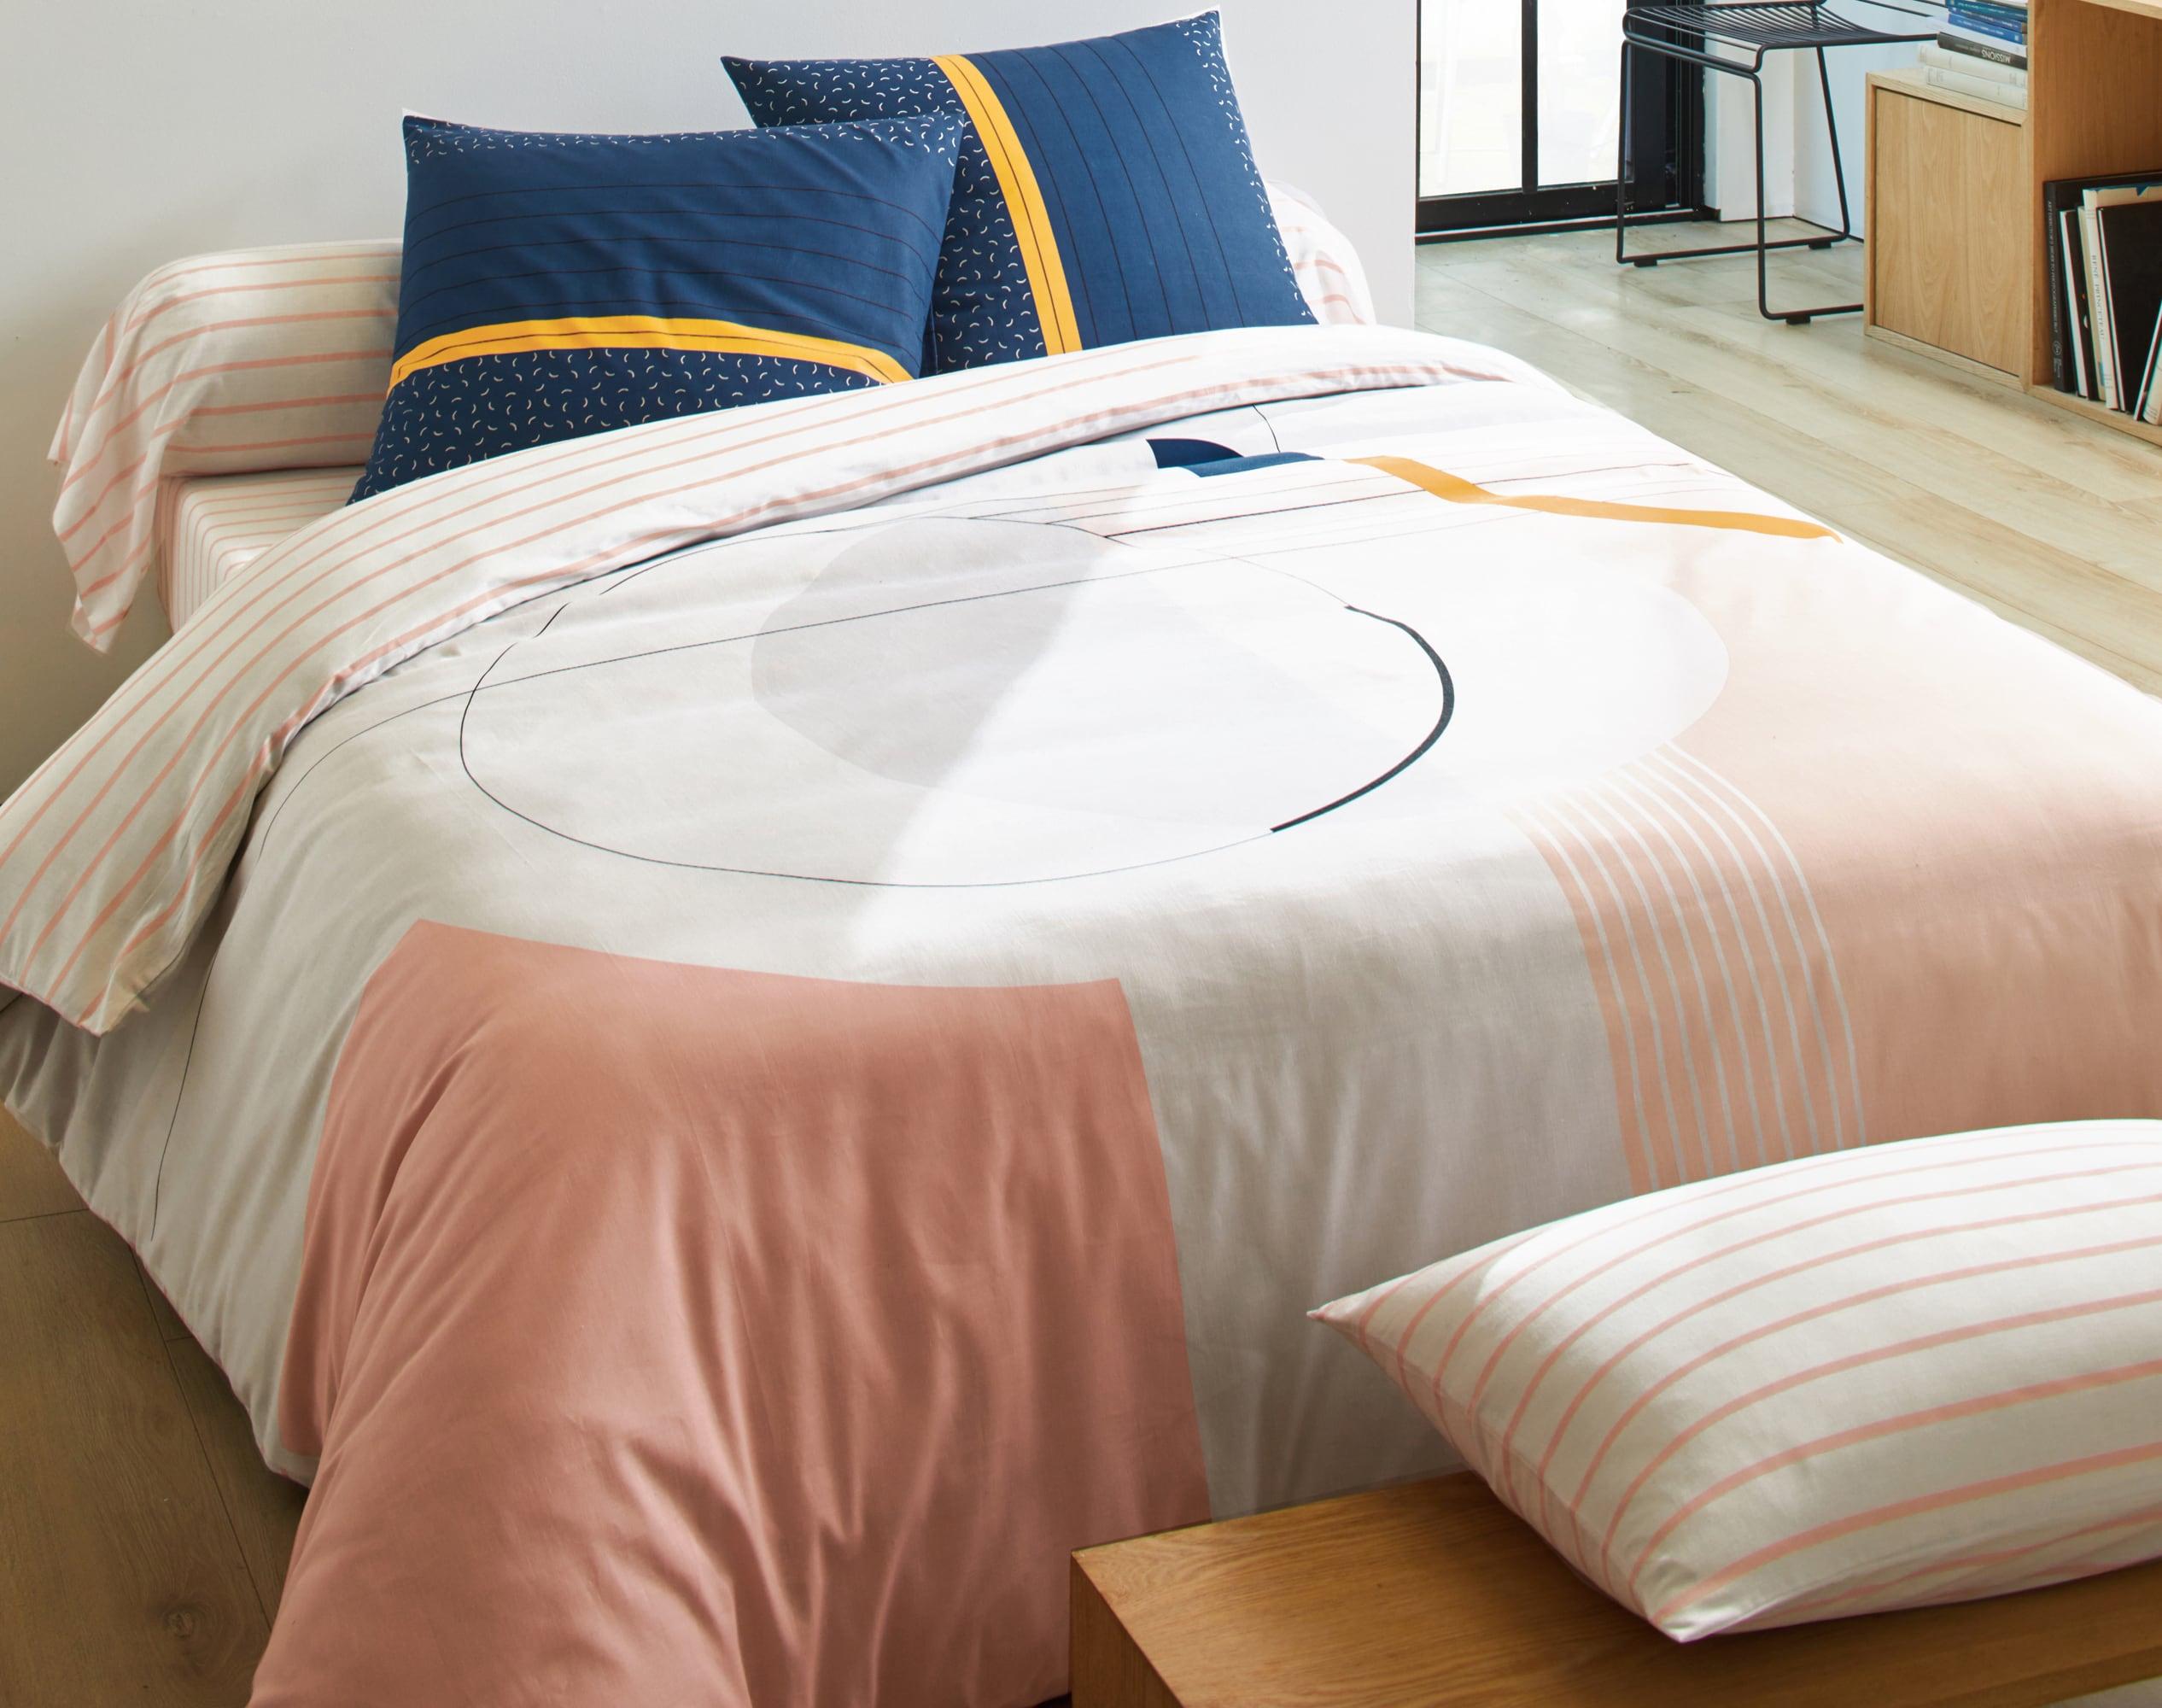 Housse de couette 140x200 en coton rose blush